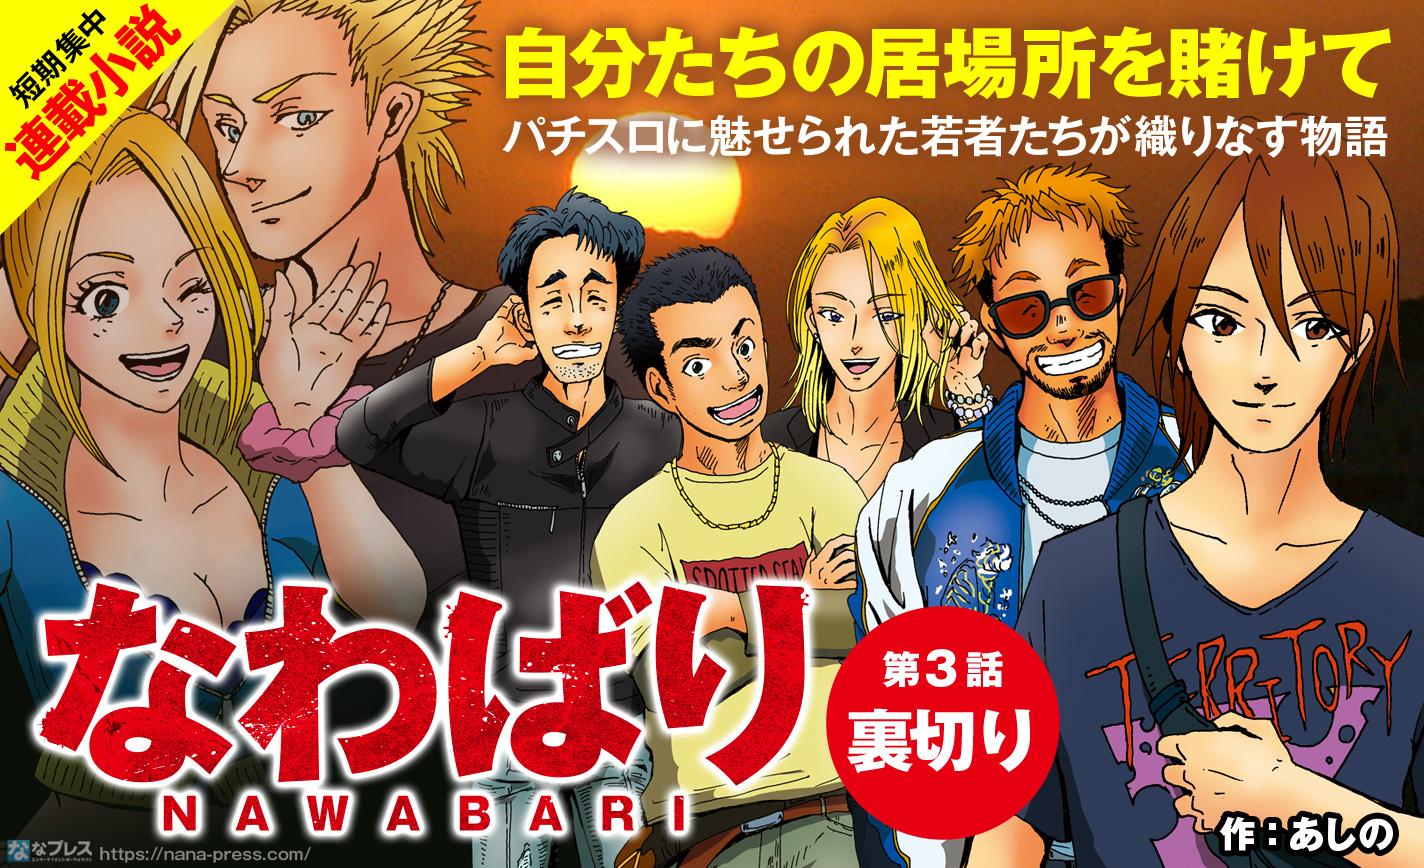 【小説】「なわばり」第3話 謀略に満ちたライバル軍団との戦いが勃発! eyecatch-image